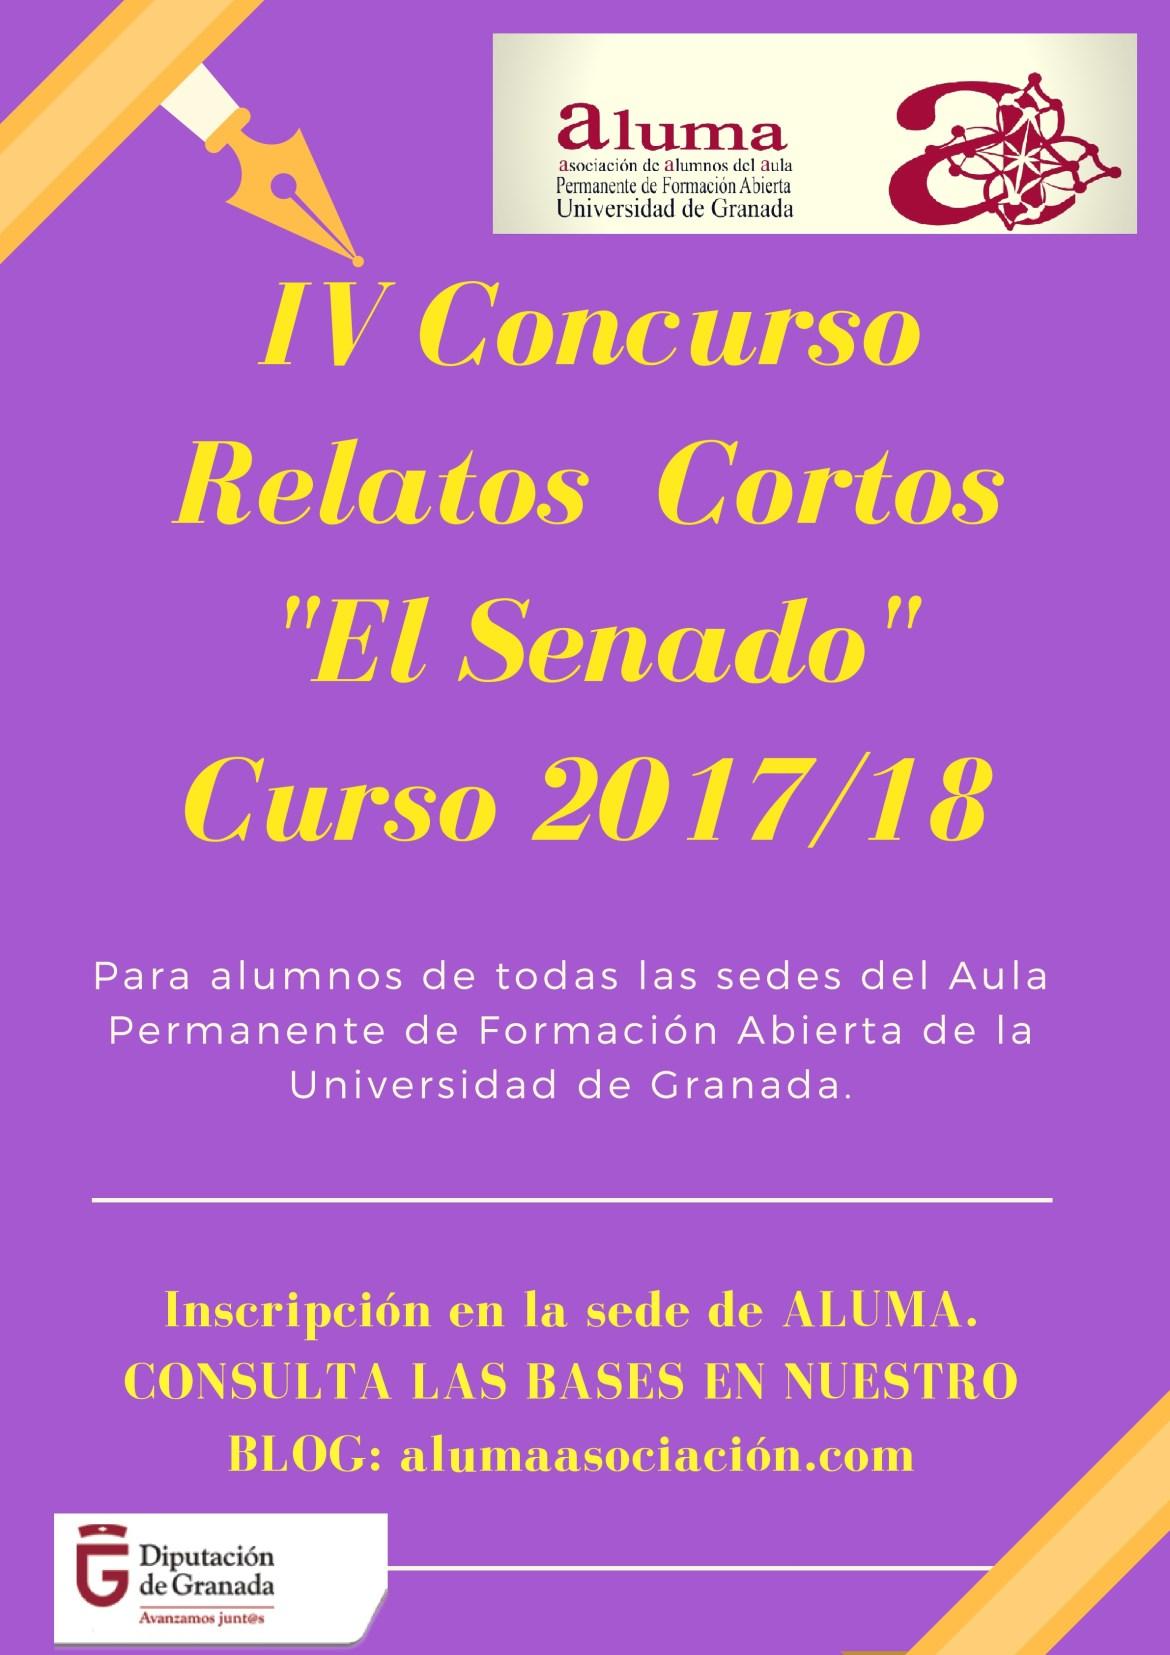 IV-Concurso-Relatos-Cortos--El-Senado--(3)-001